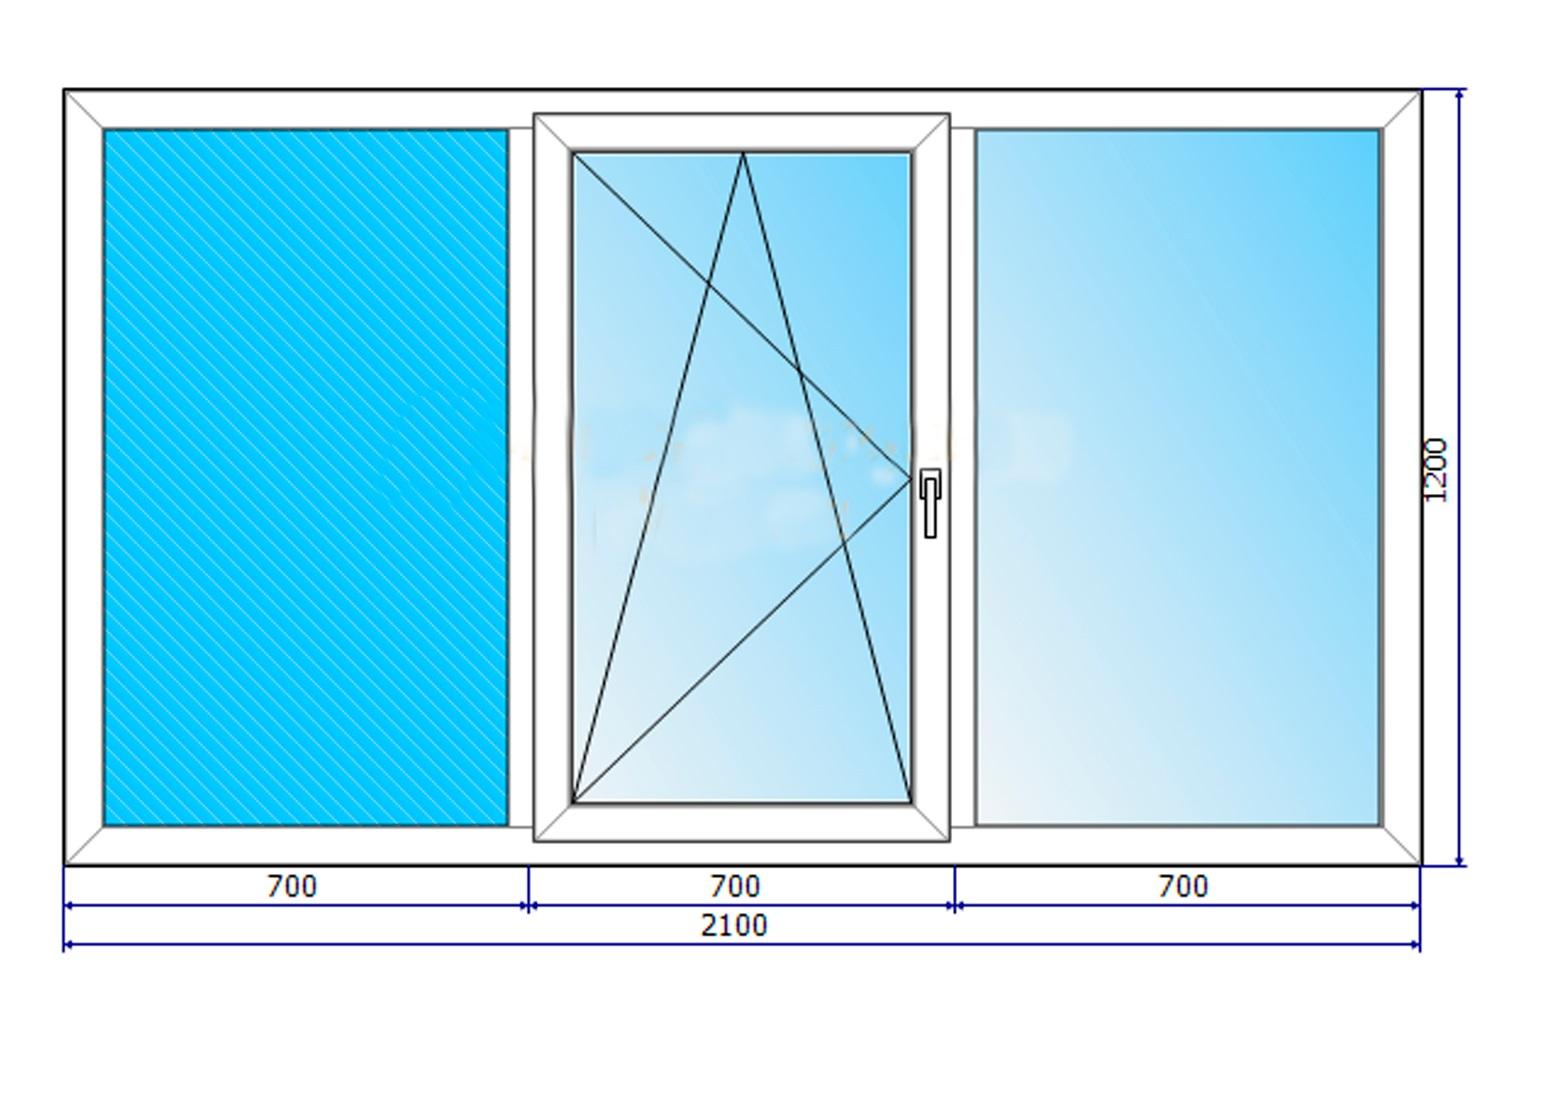 картинки с размерами окон реплики пандора